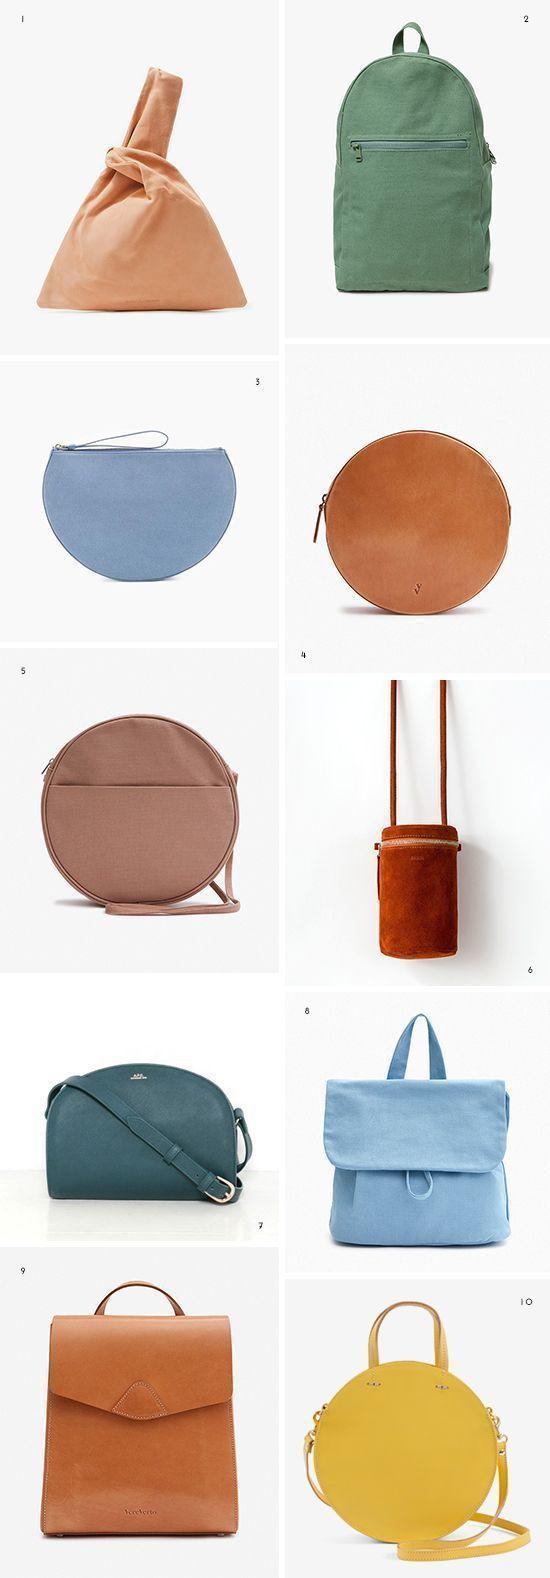 Bag Hag: 10 Bags I'm Drooling Over for Fall – Abigail Morgan